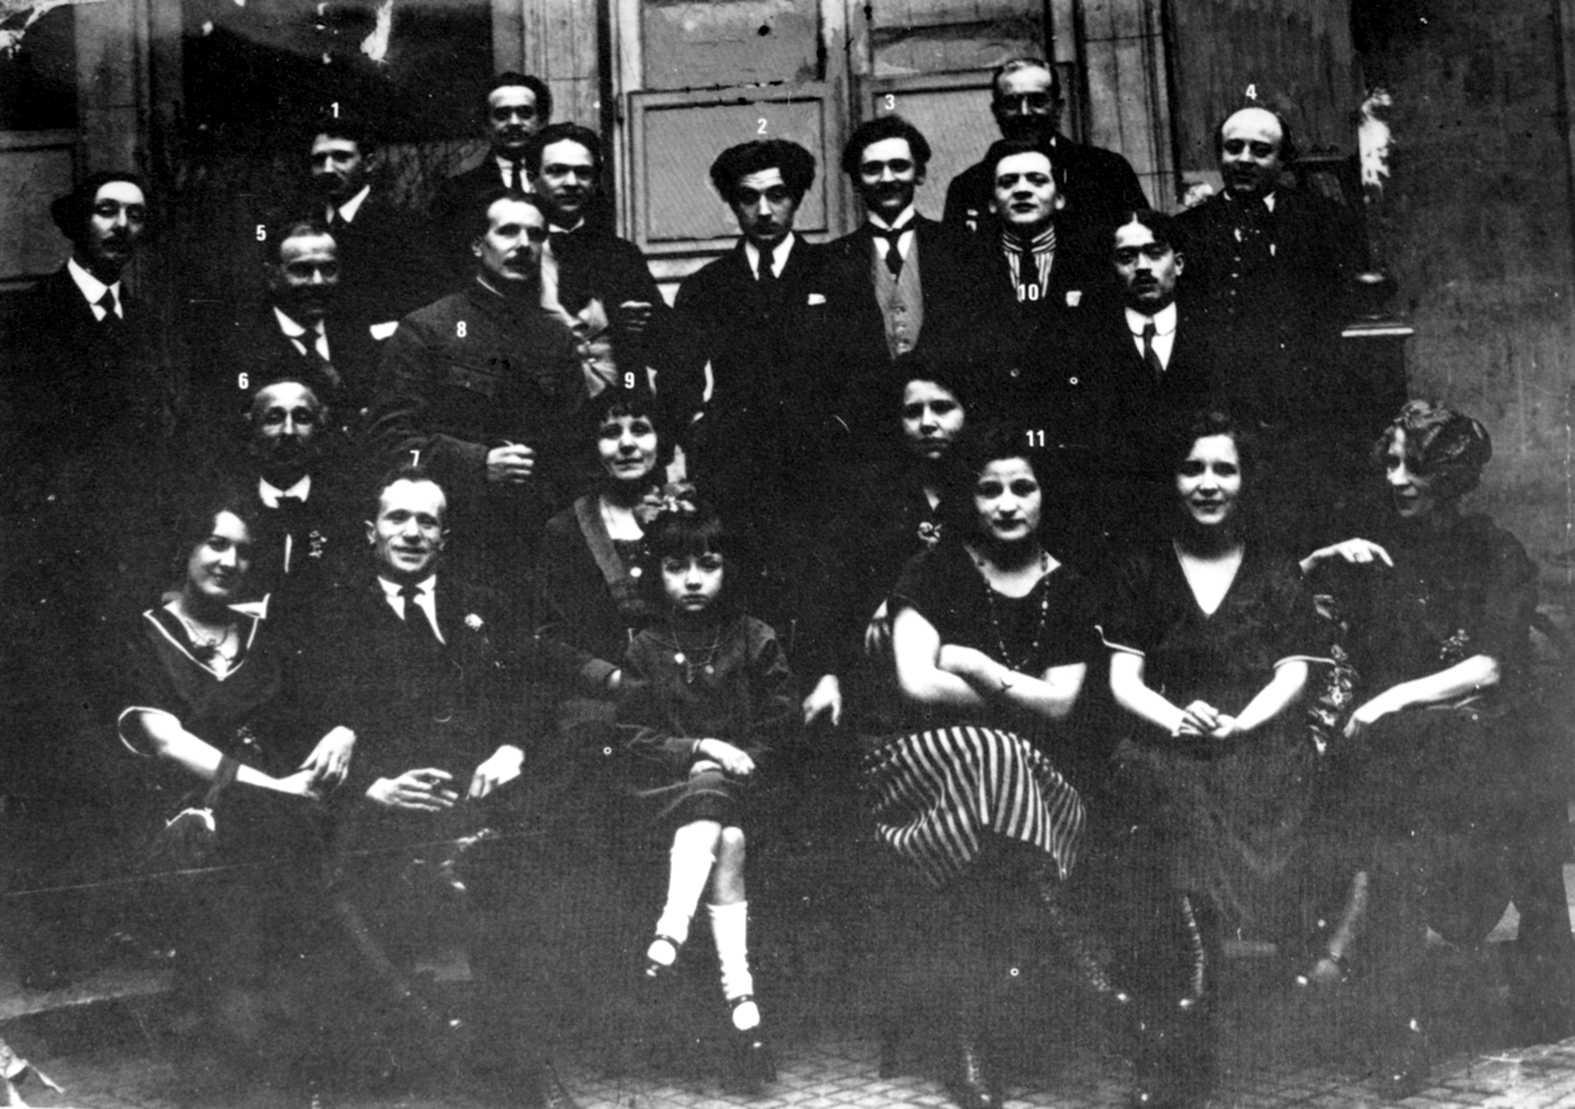 Àgape familiar de «La Muse Rouge» a la Maison de la Coopération de Paris (27 d'abril de 1920): 1. Colladant, 2. Noël-Noël, 3. Pierre Simon-Mérop, 4. Tiziny, 5. Jolivet, 6. G.-M. Gouté, 7. Clovys, 8. Masselier, 9. Germaine Cailor, 10. Fernand Jack, 11. Mand Geor